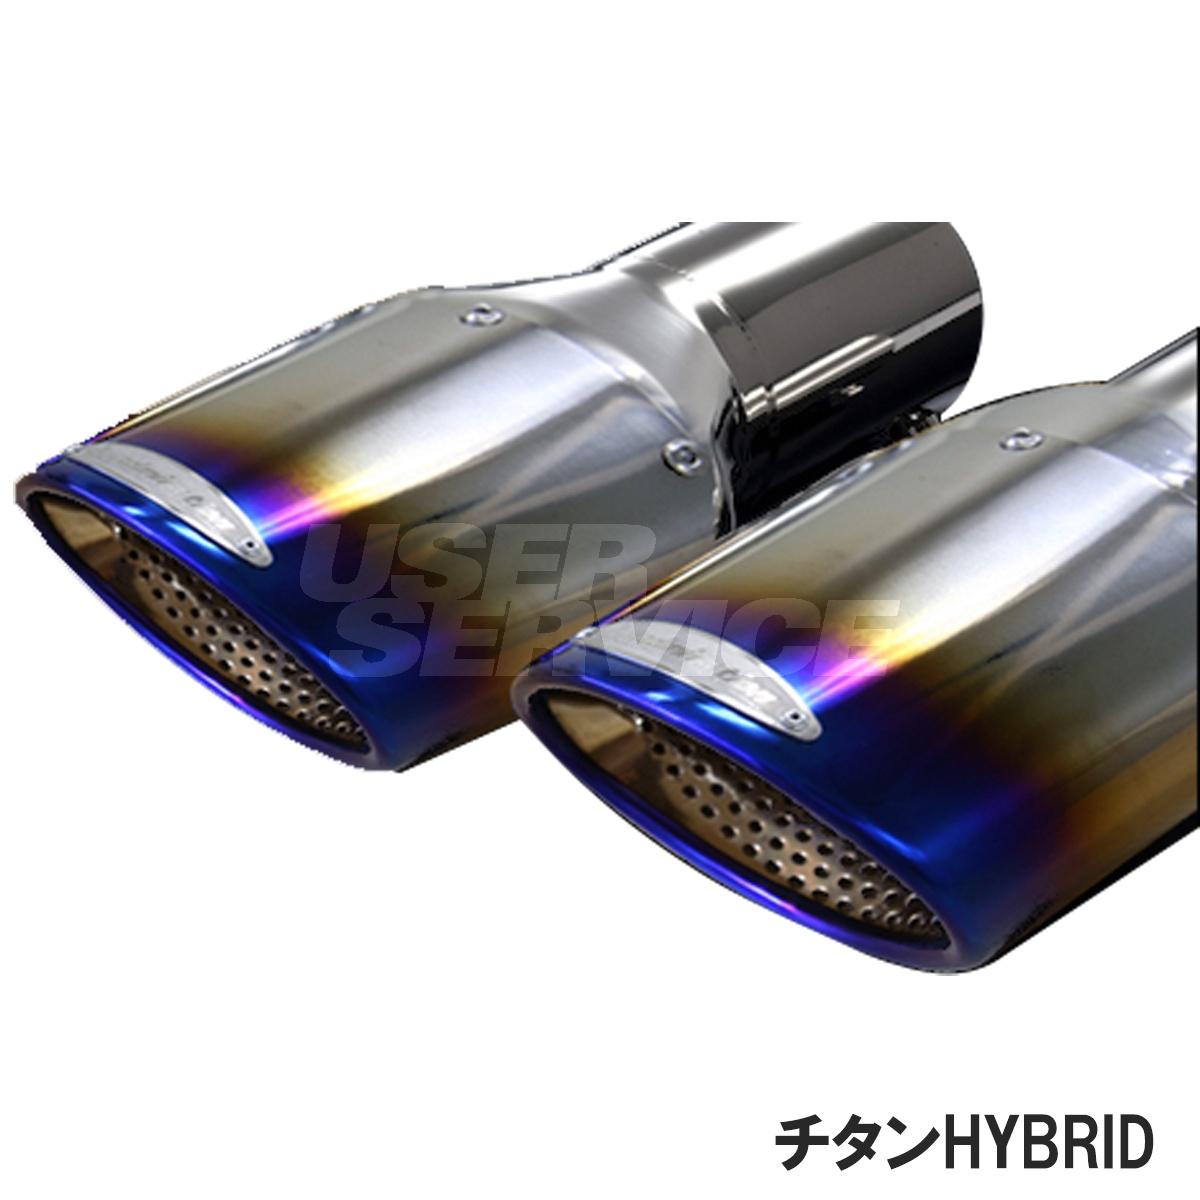 アドミレイション プリウス ZVW 50 51 55 H28.01~ ハイブリッド エグゼクティブマフラー 左右デュアル出し用 チタンHYBRIDテール テールスライド式 ADMIRATION HYBRID ハイブリッド